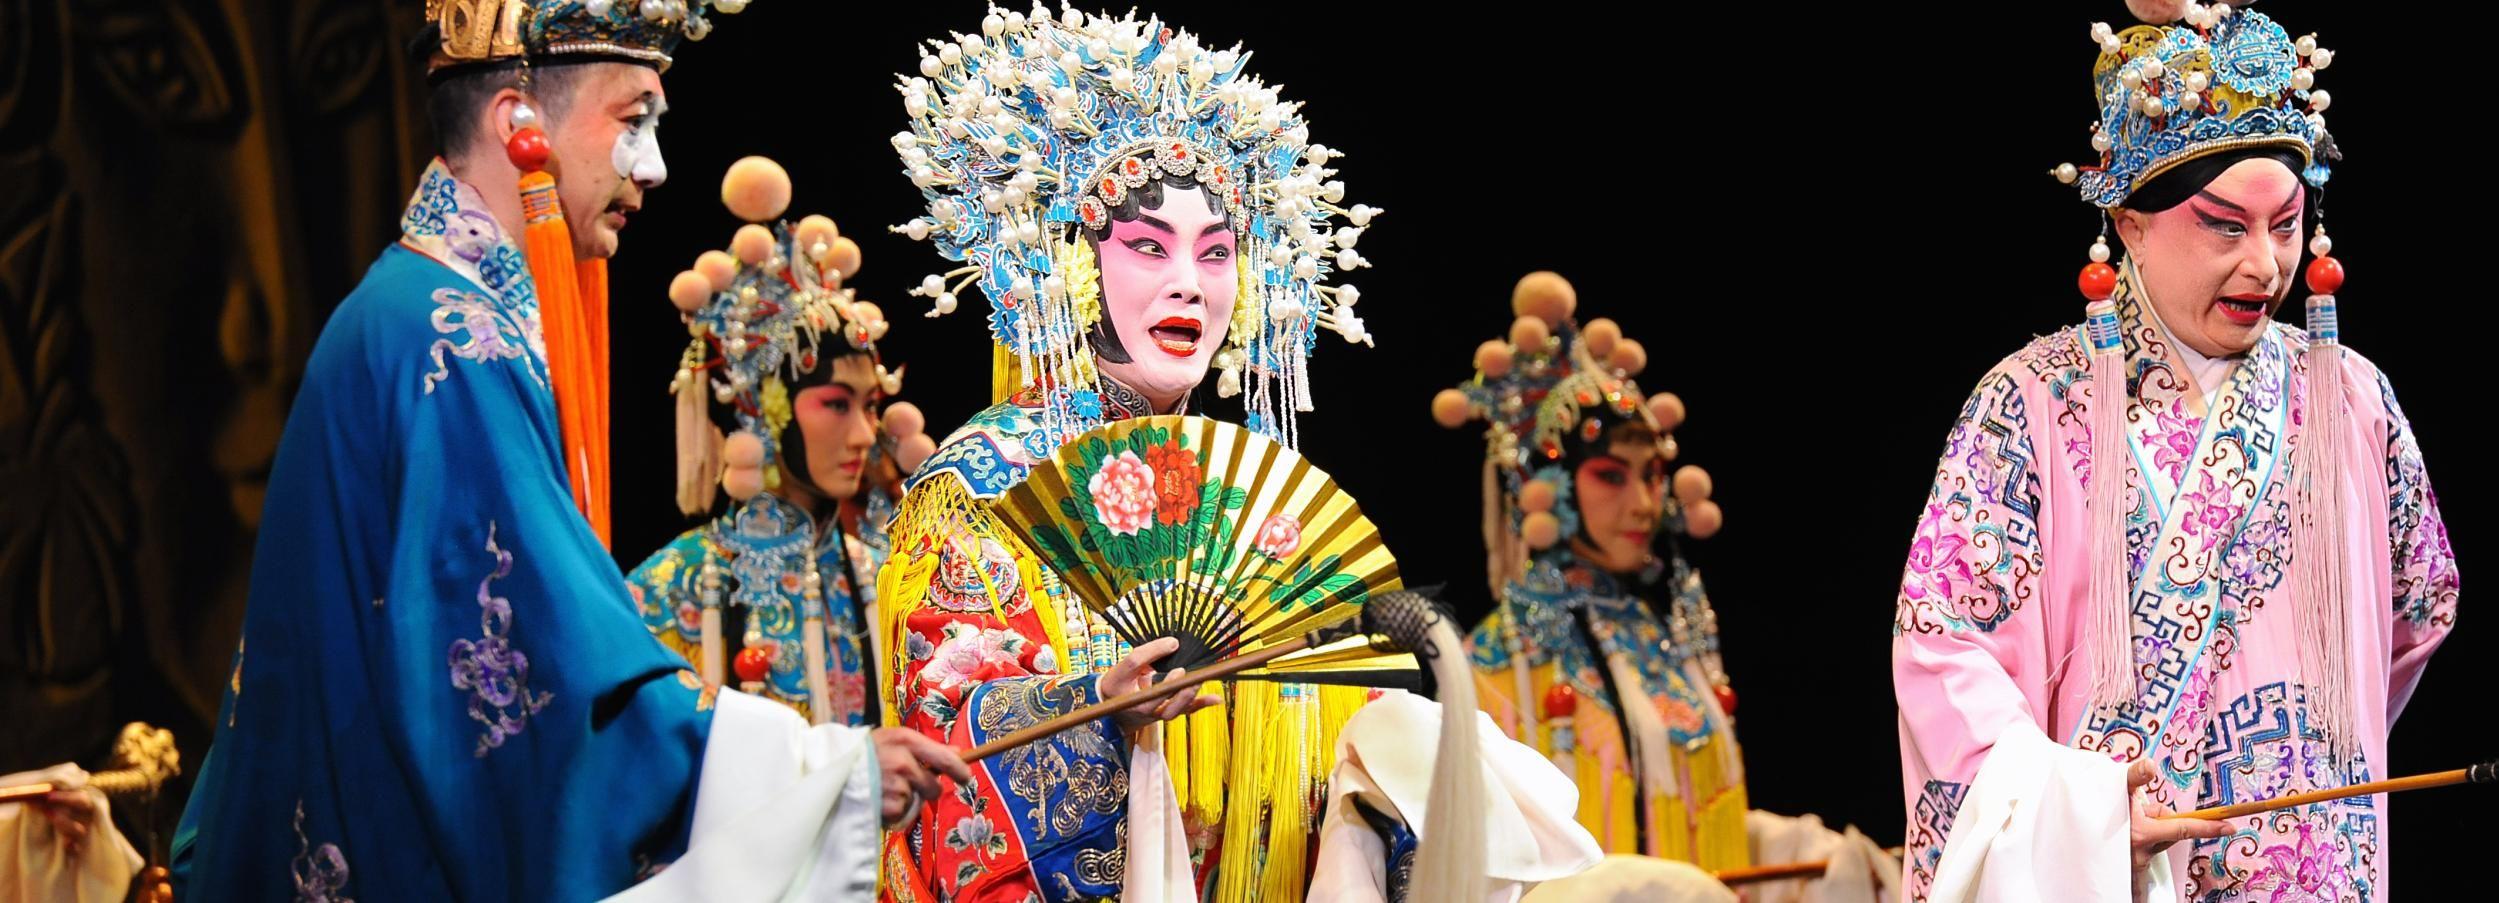 Opera di Pechino: spettacolo e transfer facoltativo